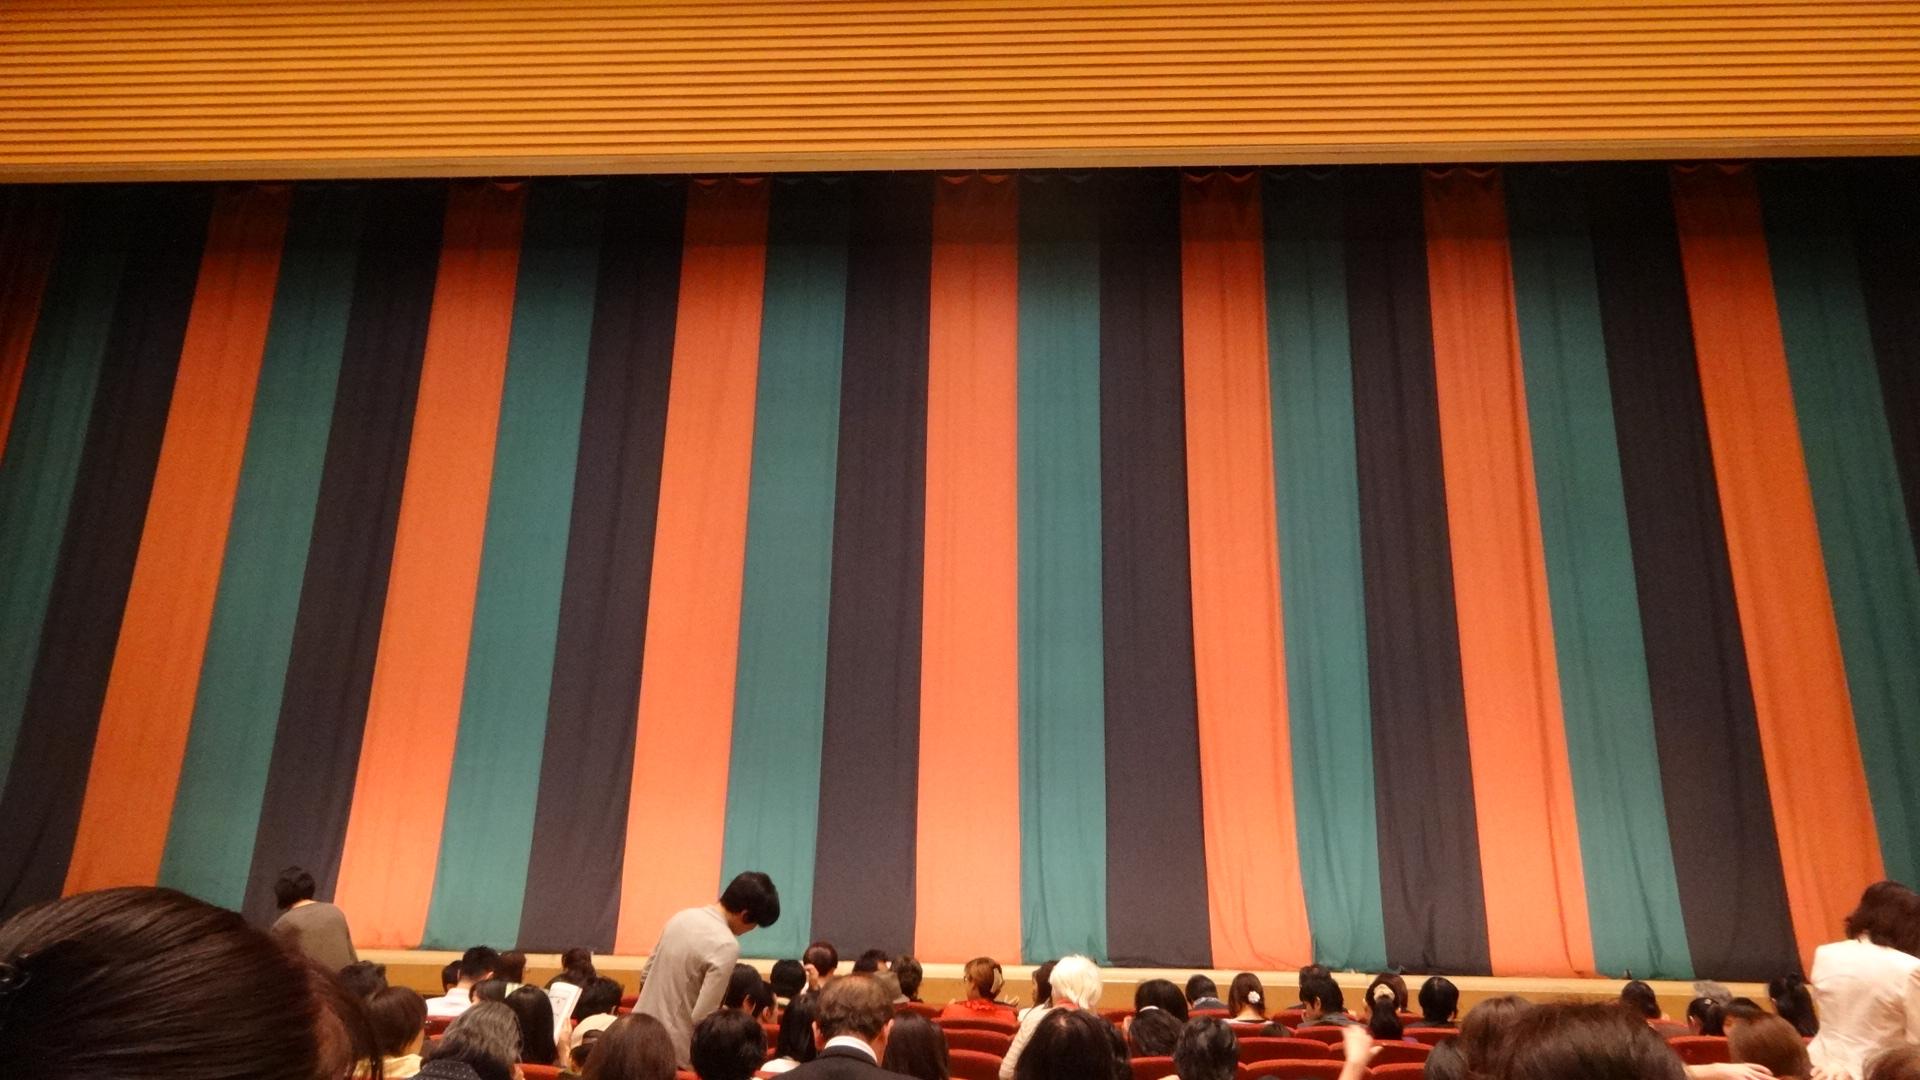 明治座の舞台の幕